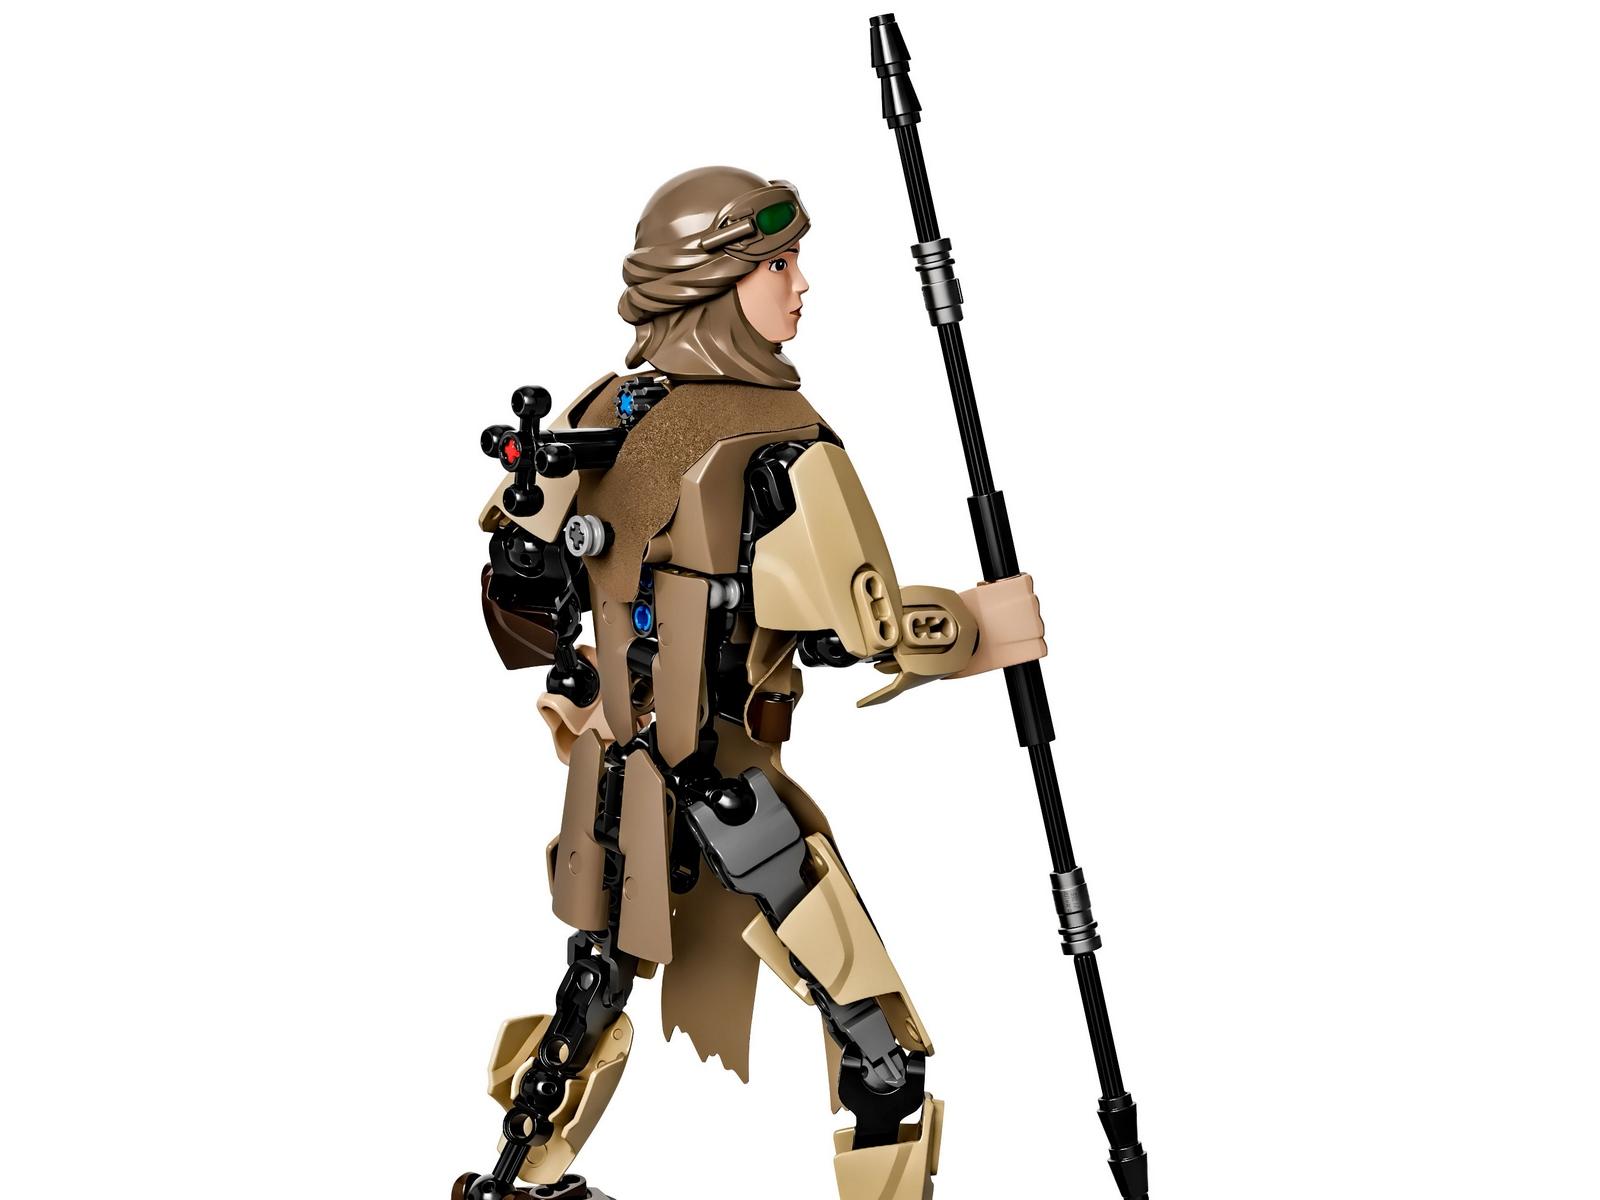 Конструктор KSZ «Рей» 605-1 (Star Wars 75113) / 84 детали